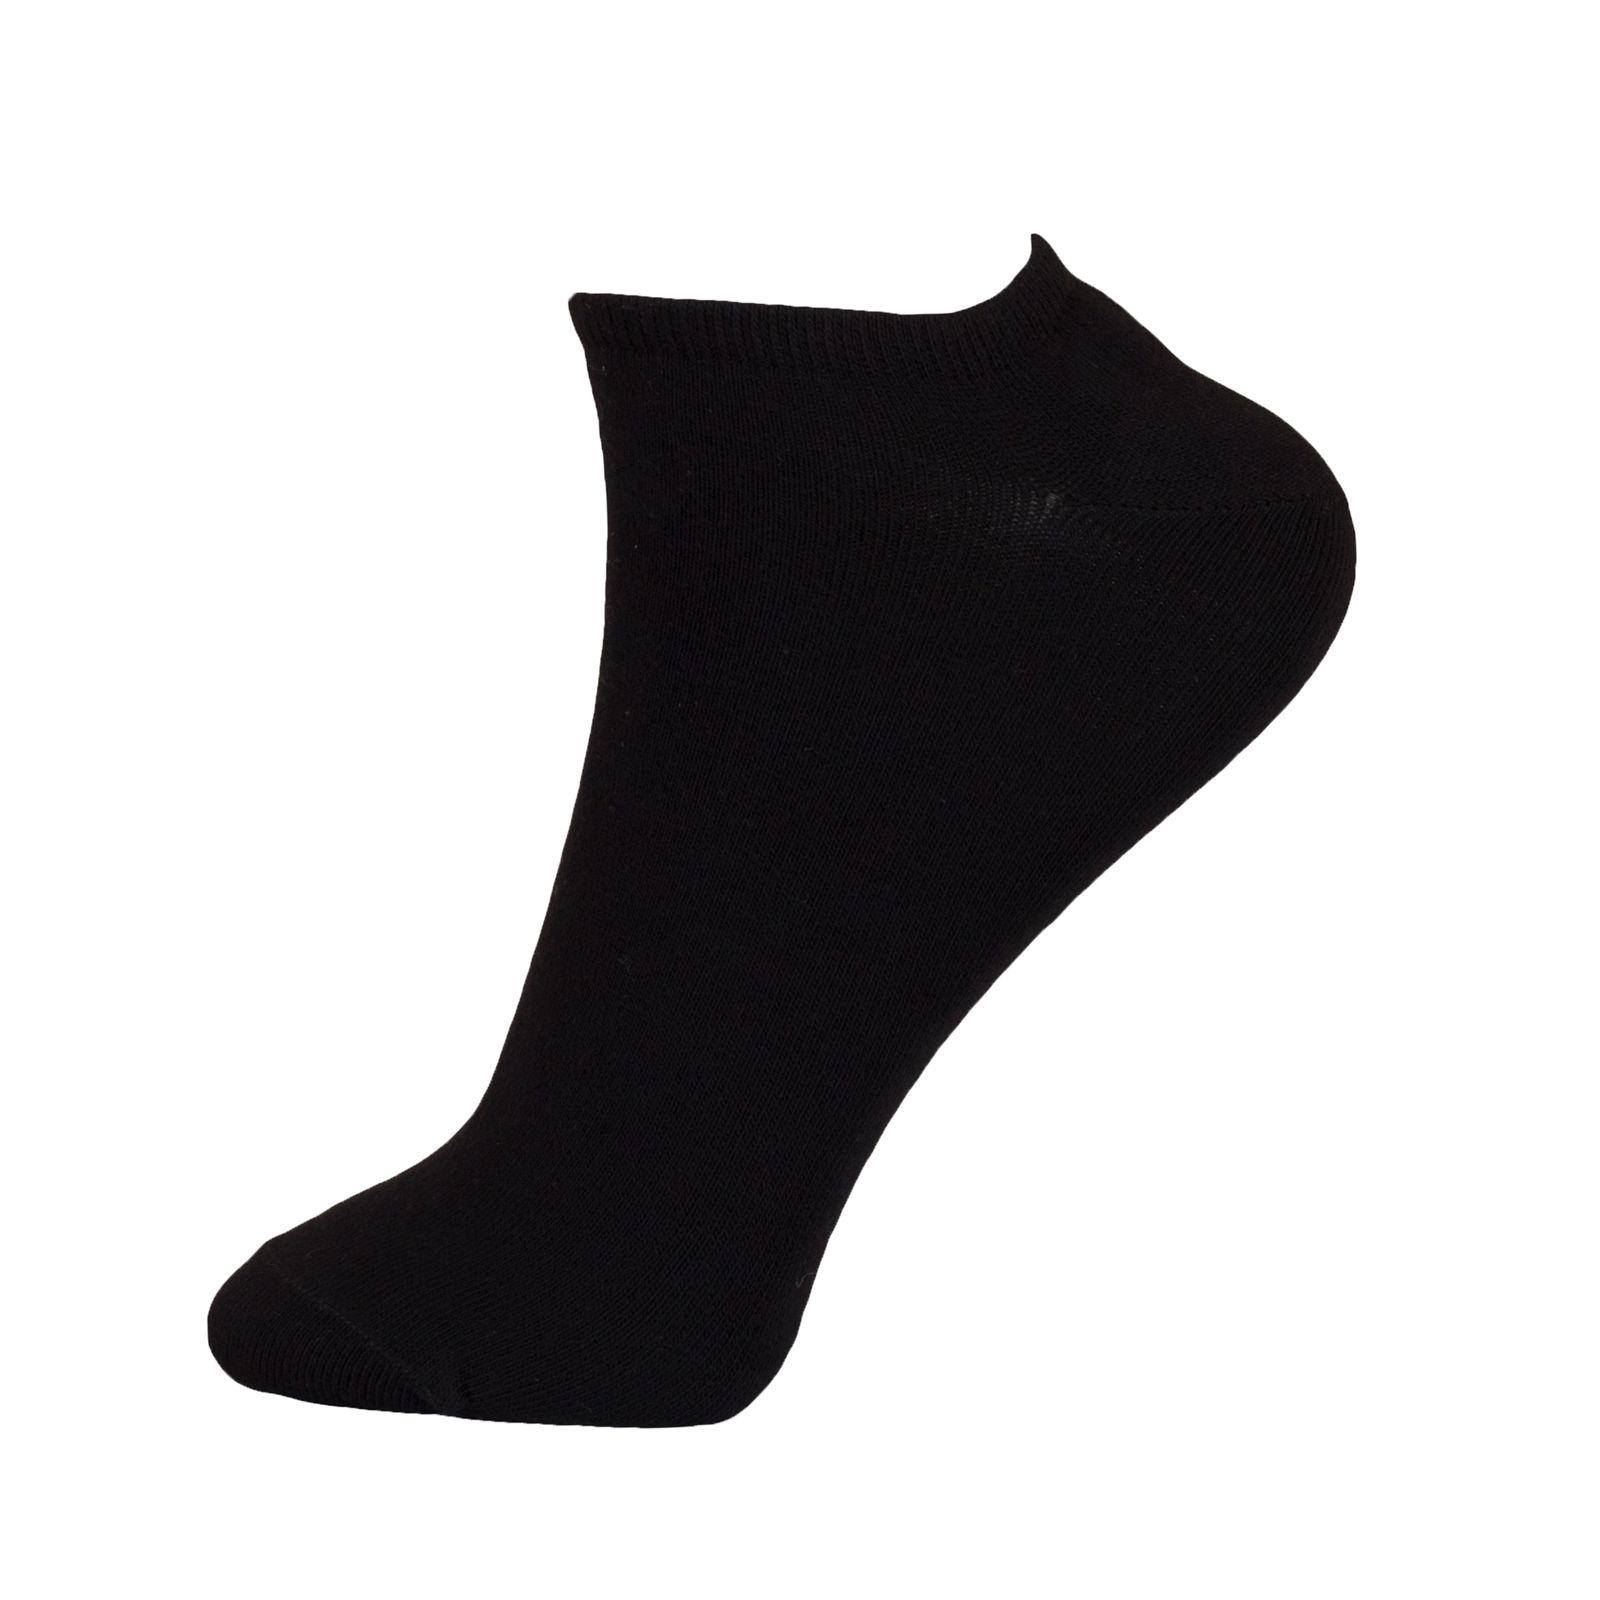 جوراب زنانه مستر جوراب کد BL-MRM 200 -  - 2